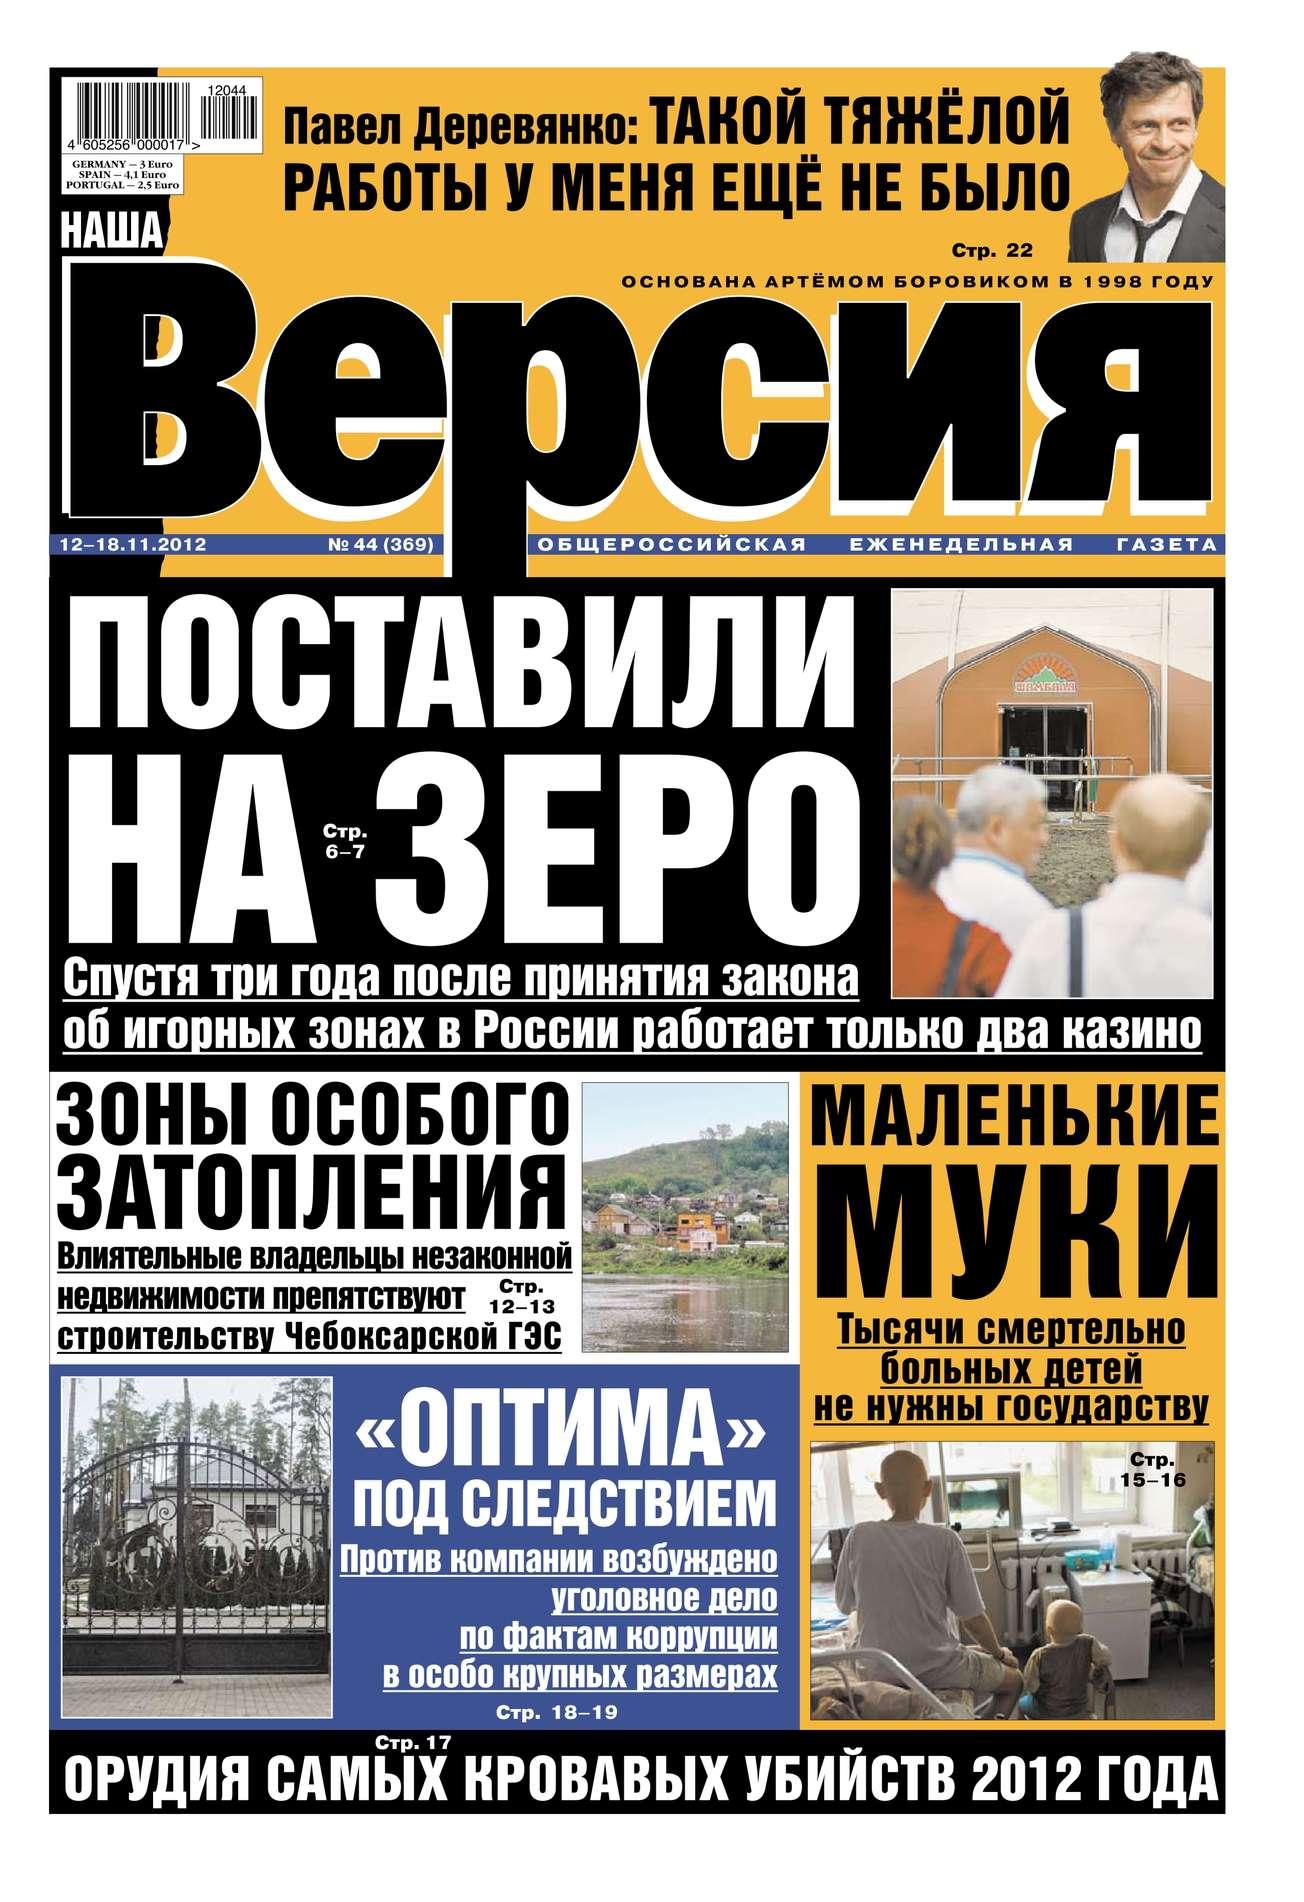 Редакция газеты Наша Версия Наша версия 44-11-2012 hetman fat recovery офисная версия цифровая версия